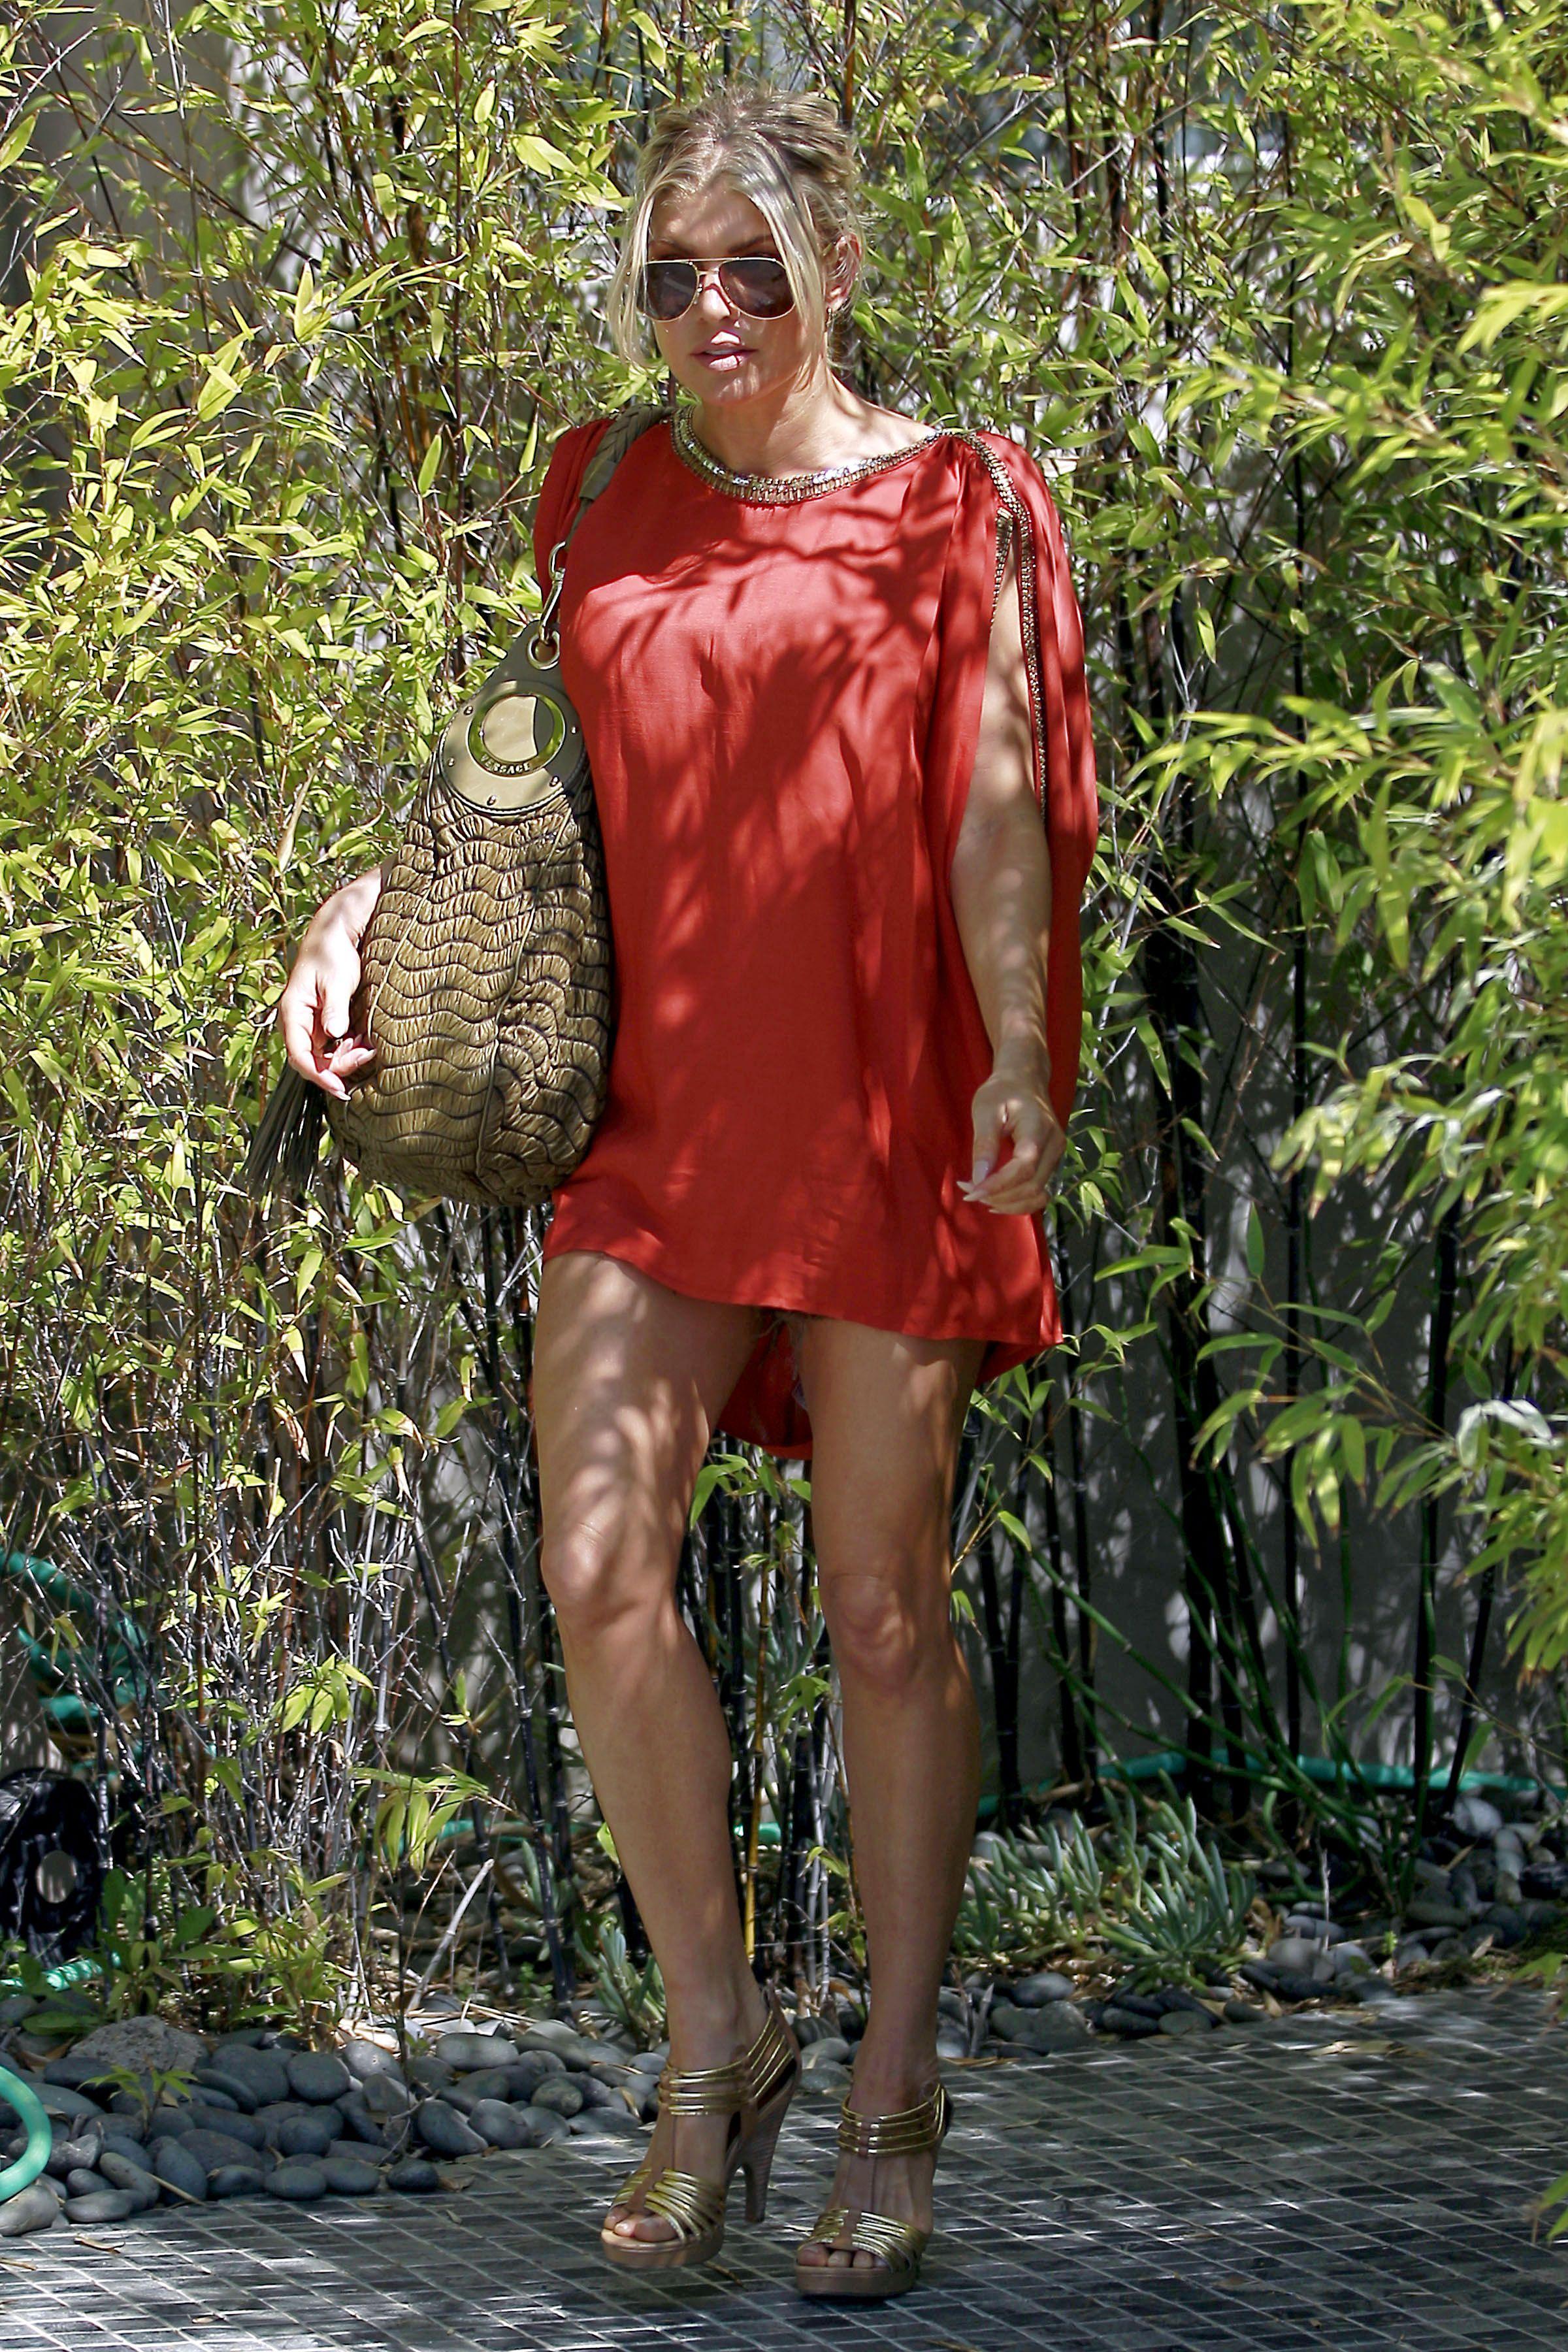 Fergie 2011 : fergie-leggy-candids-in-red-dress-in-la-03